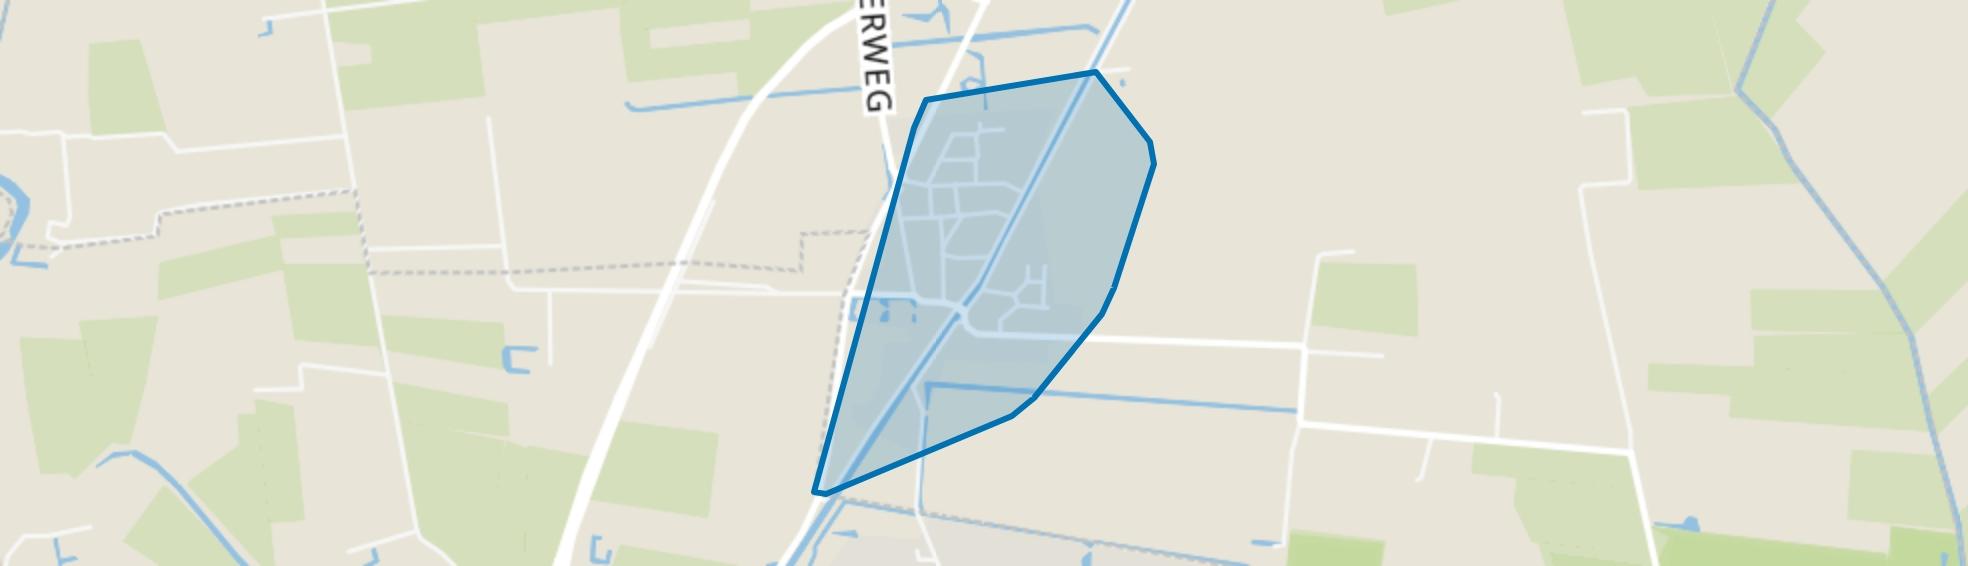 Zuidwolde, Zuidwolde (GR) map